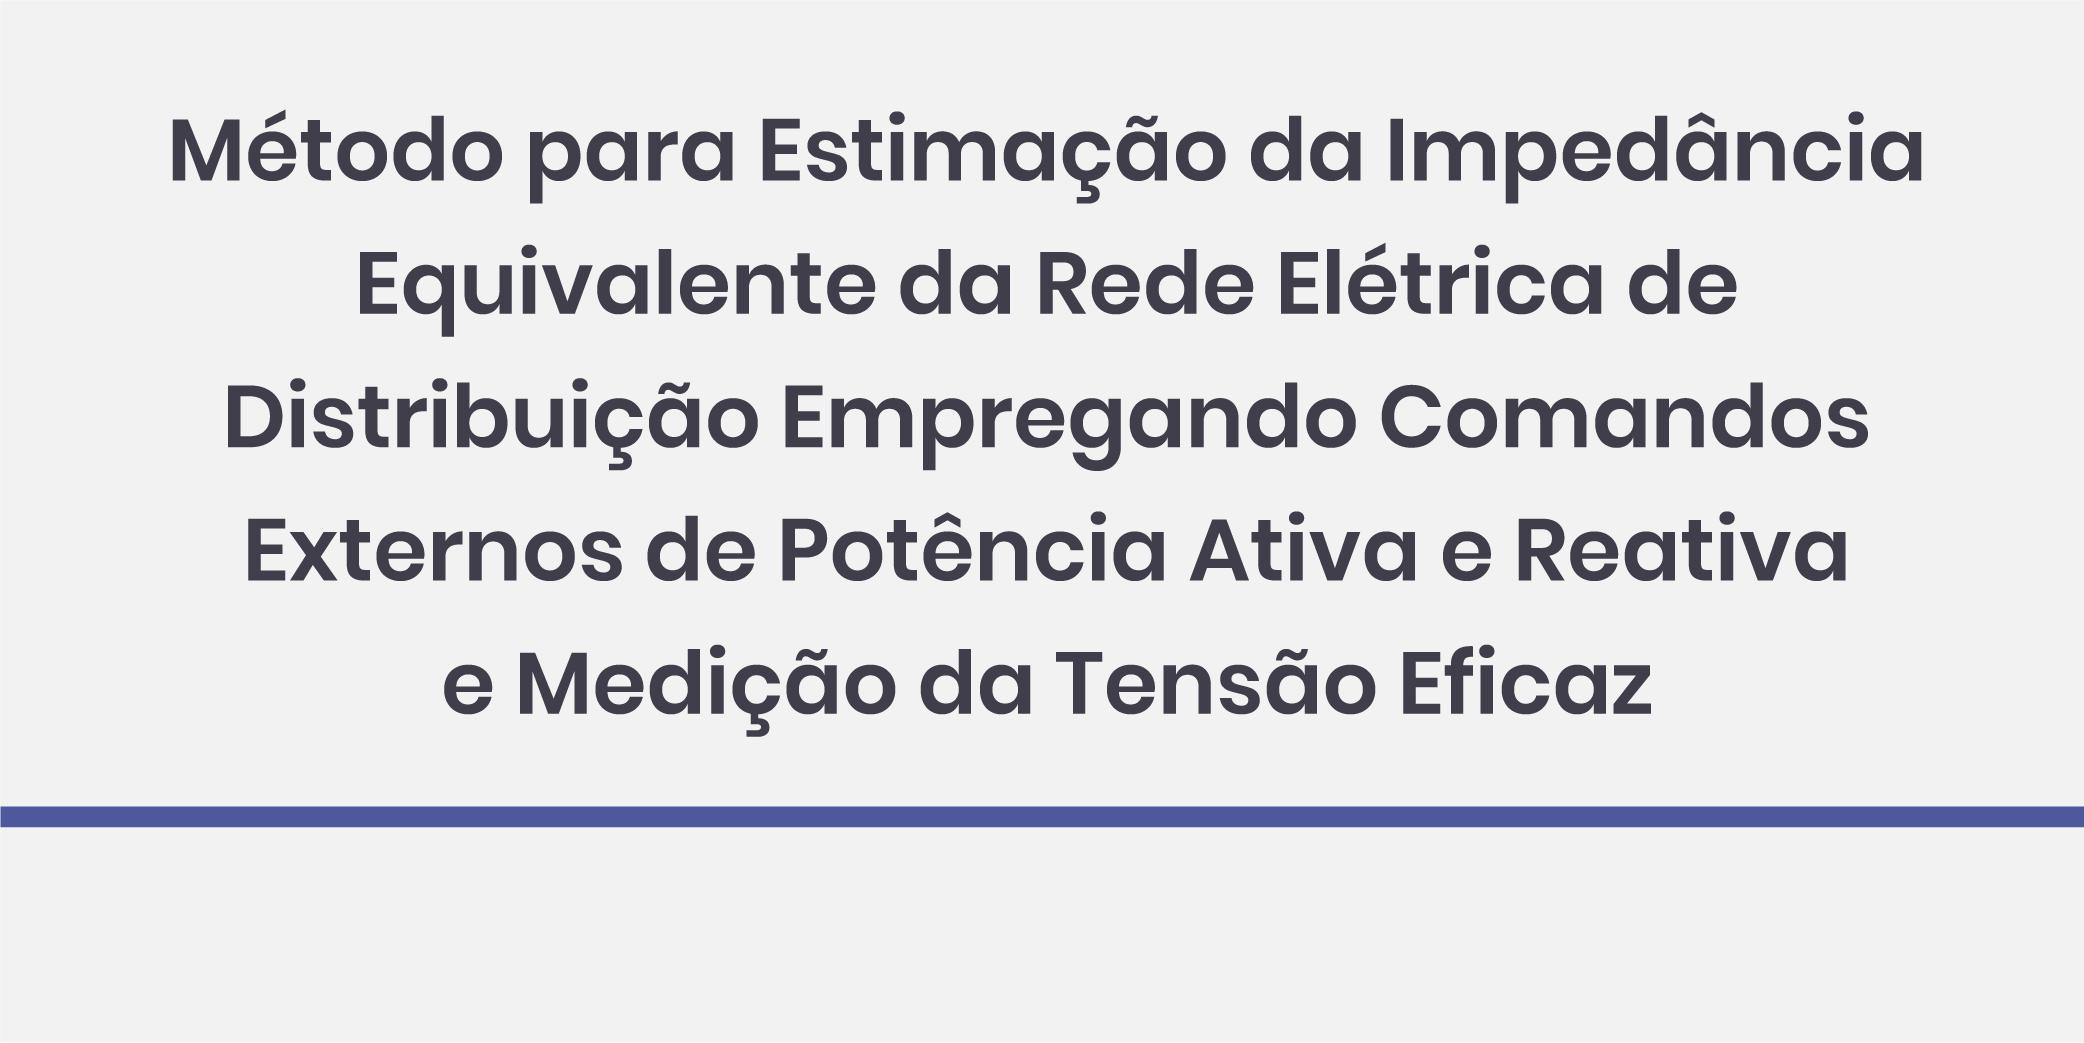 Método para Estimação da Impedância Equivalente da Rede Elétrica de Distribuição Empregando Comandos Externos de Potência Ativa e Reativa e Medição da Tensão Eficaz